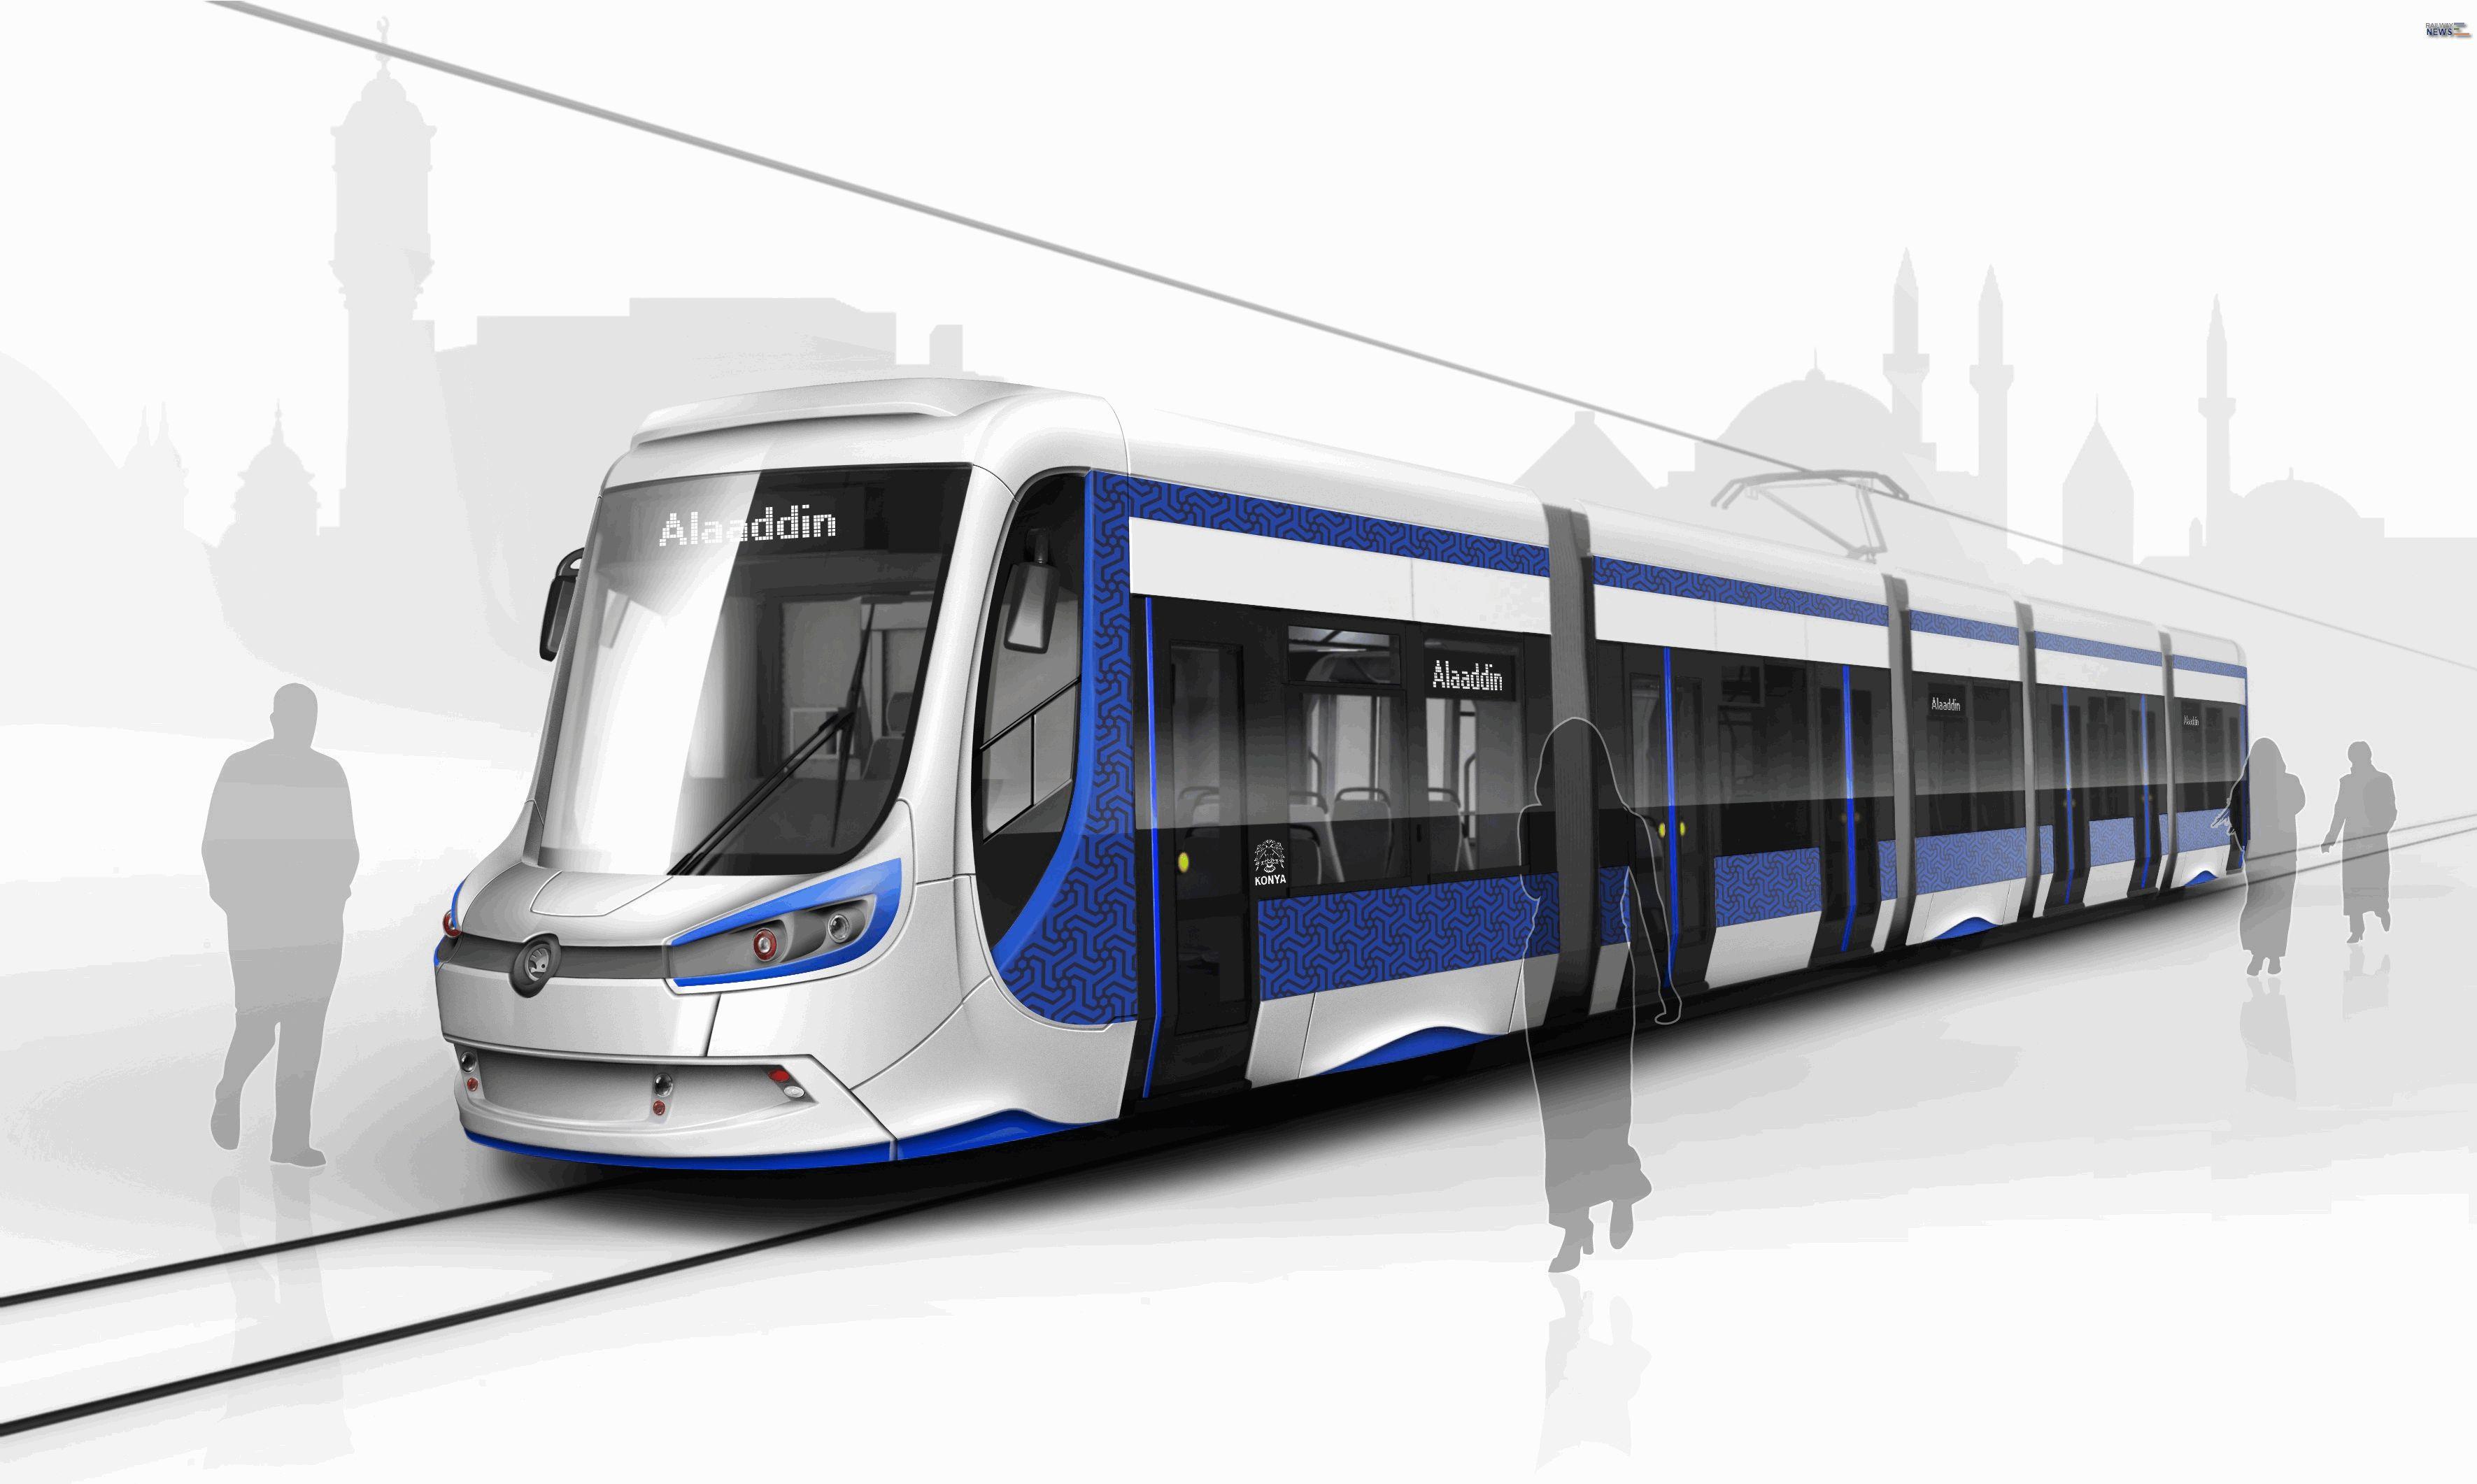 Skoda Konya Tram Cars